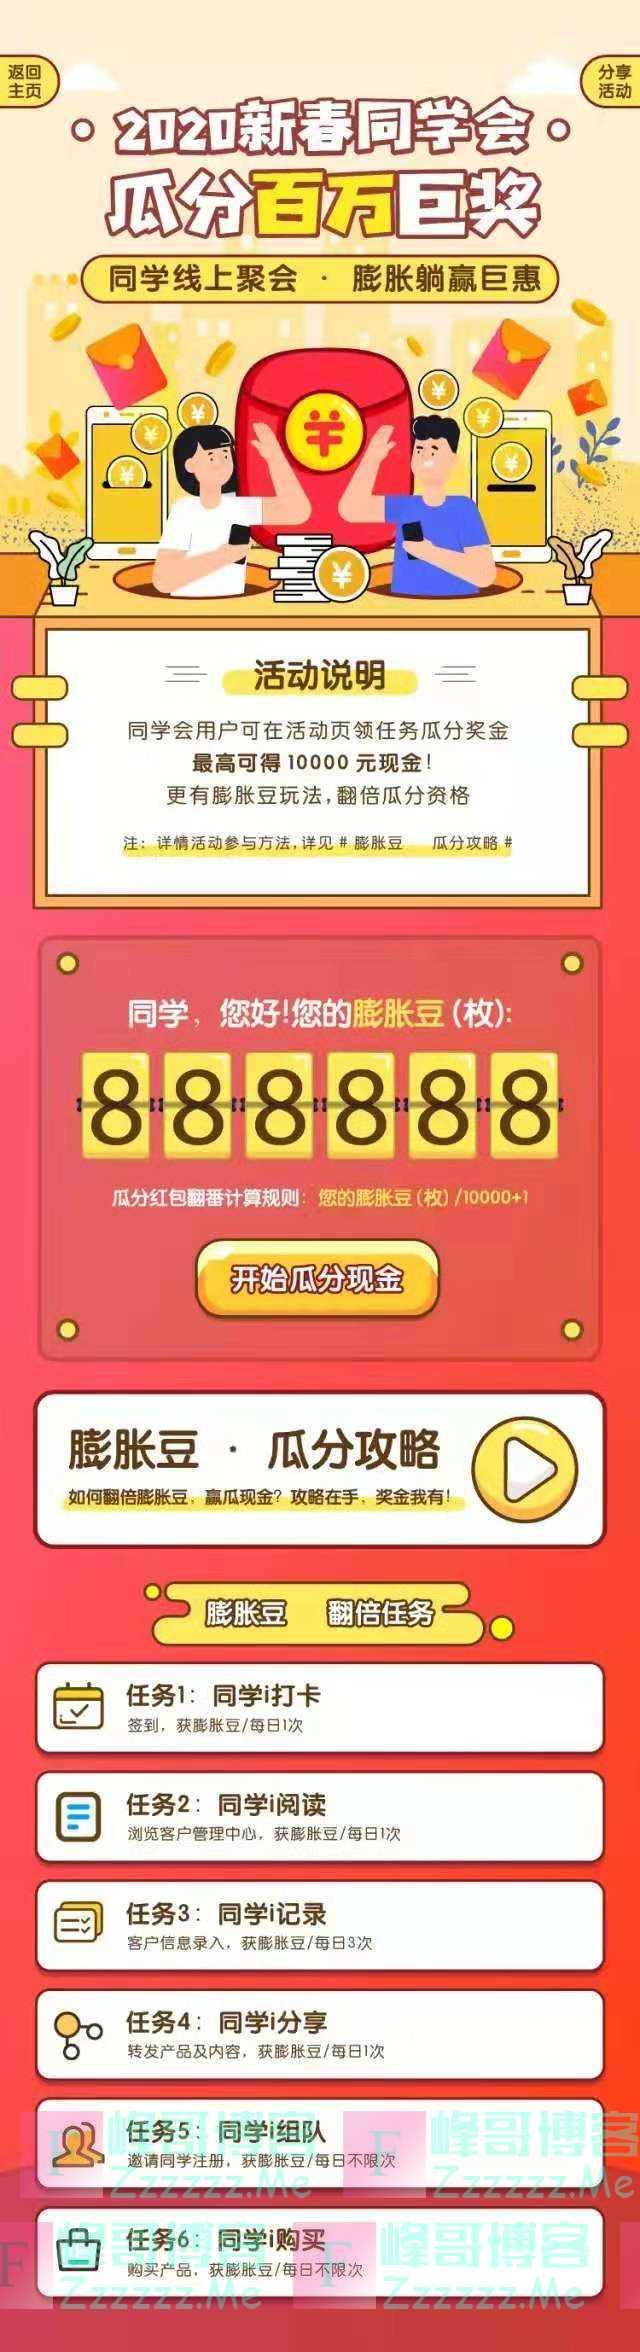 微平安同学会瓜分百万大奖 (截止1月31日)